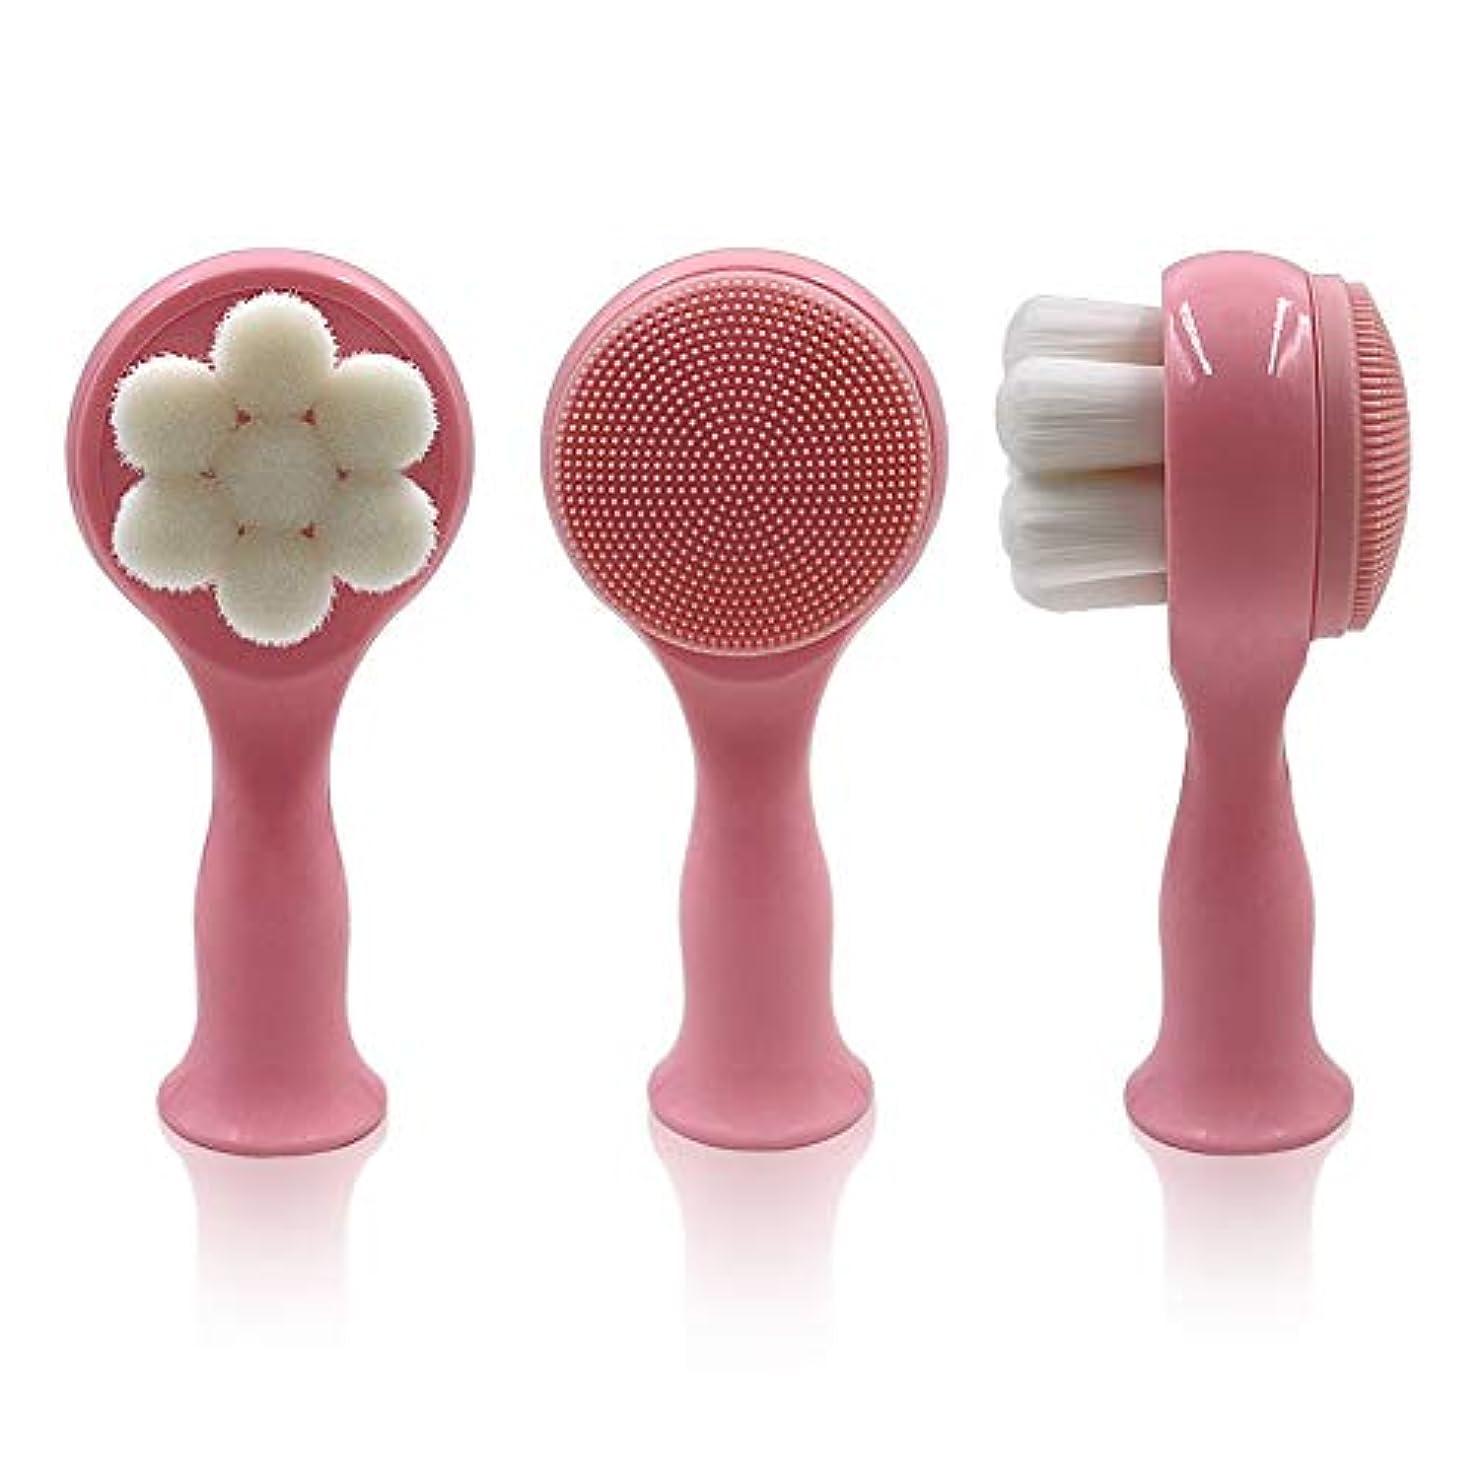 推論高く犯罪LYX スタンドアップ両面ブラックヘッド洗浄装置にクレンジング器、クリーン毛穴クレンジングブラシ、クレンジングブラシ (Color : ピンク)